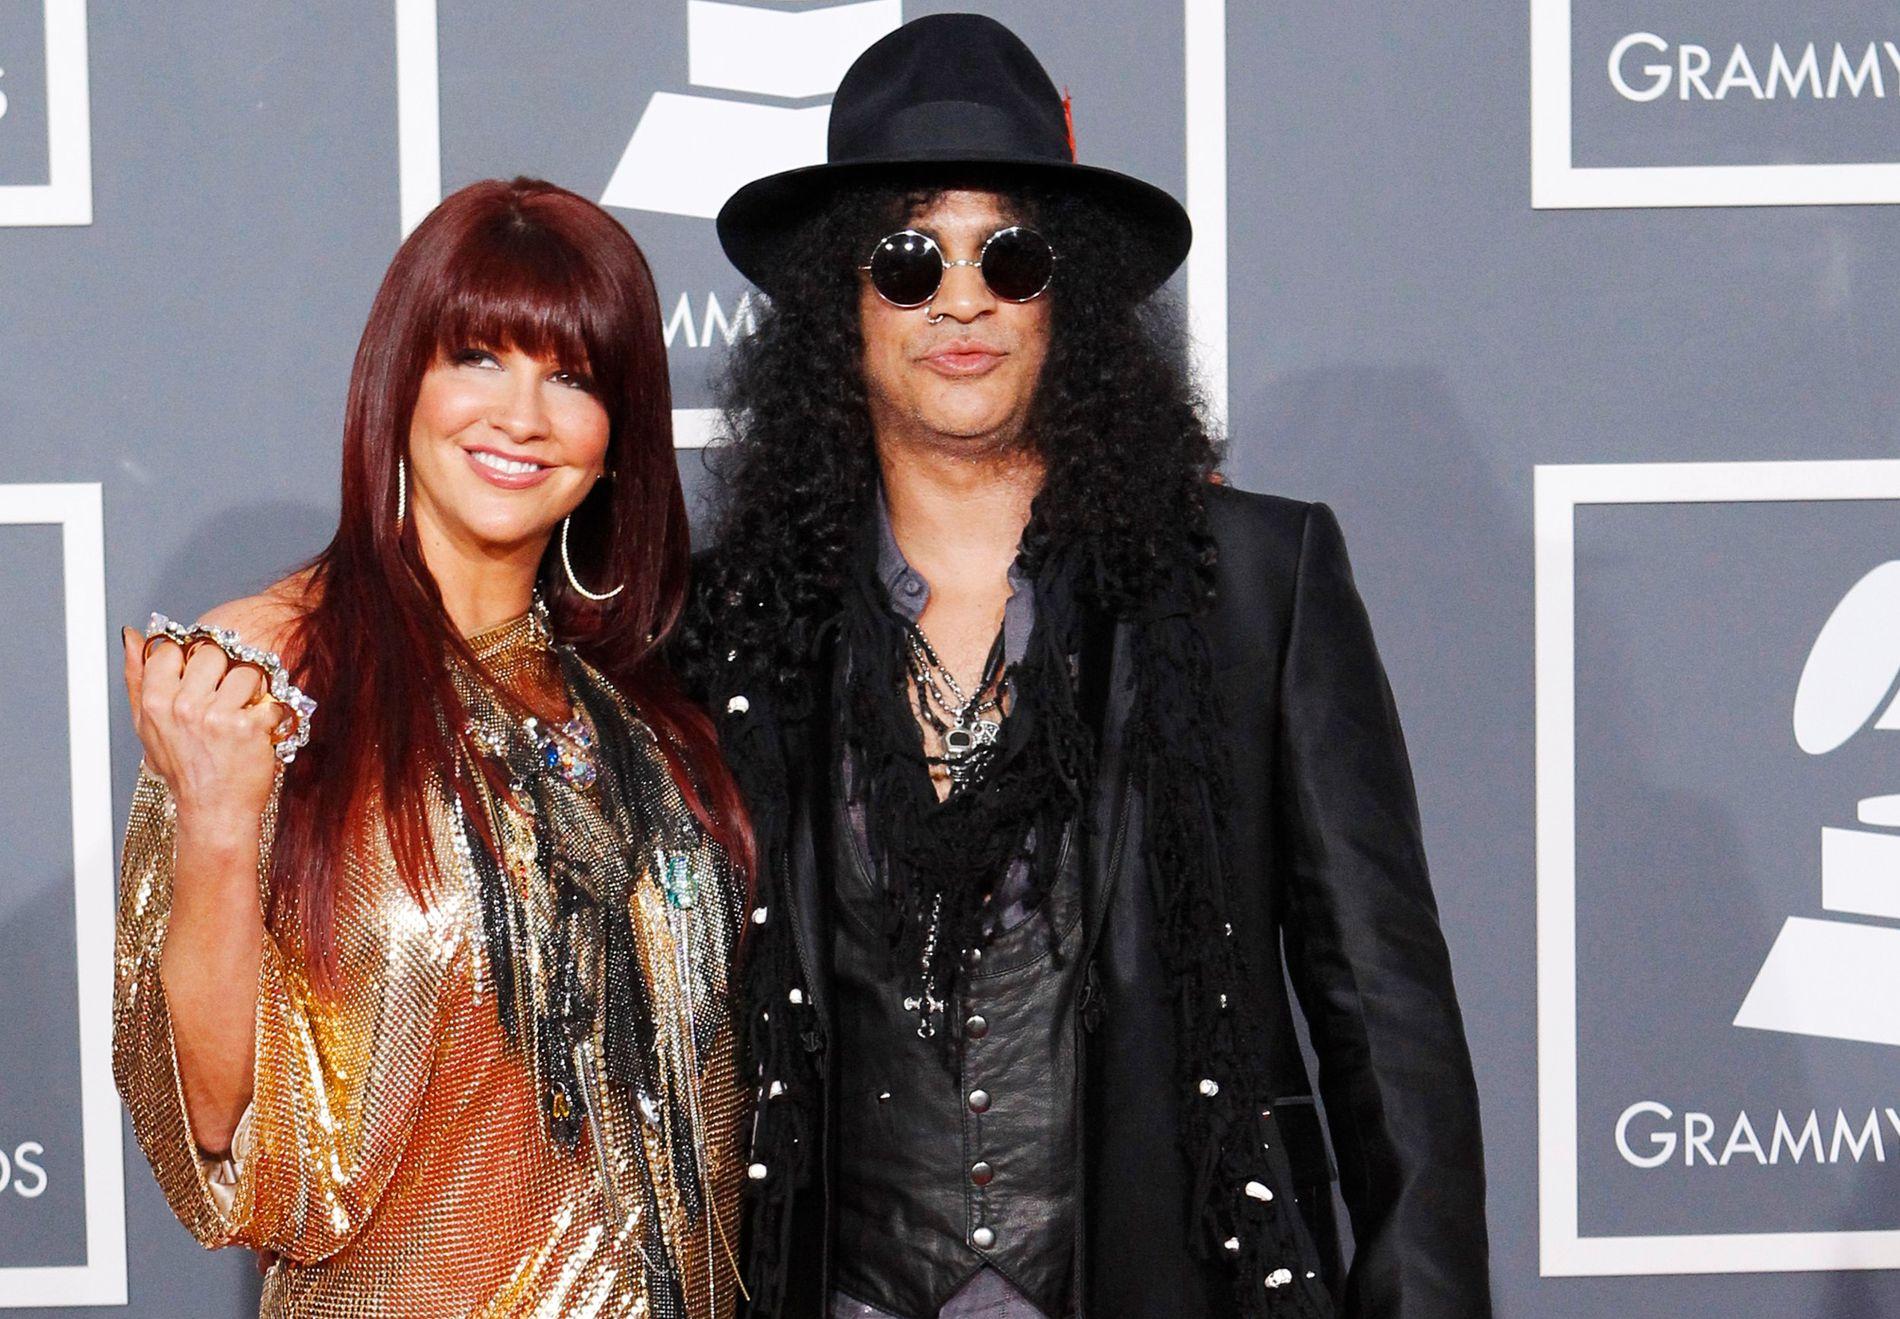 SKILLES: Slash (Saul Hudson) søkte om skilsmisse fra Perla Ferrar i 2014. Her er de sammen under Grammy Awards i 2010.